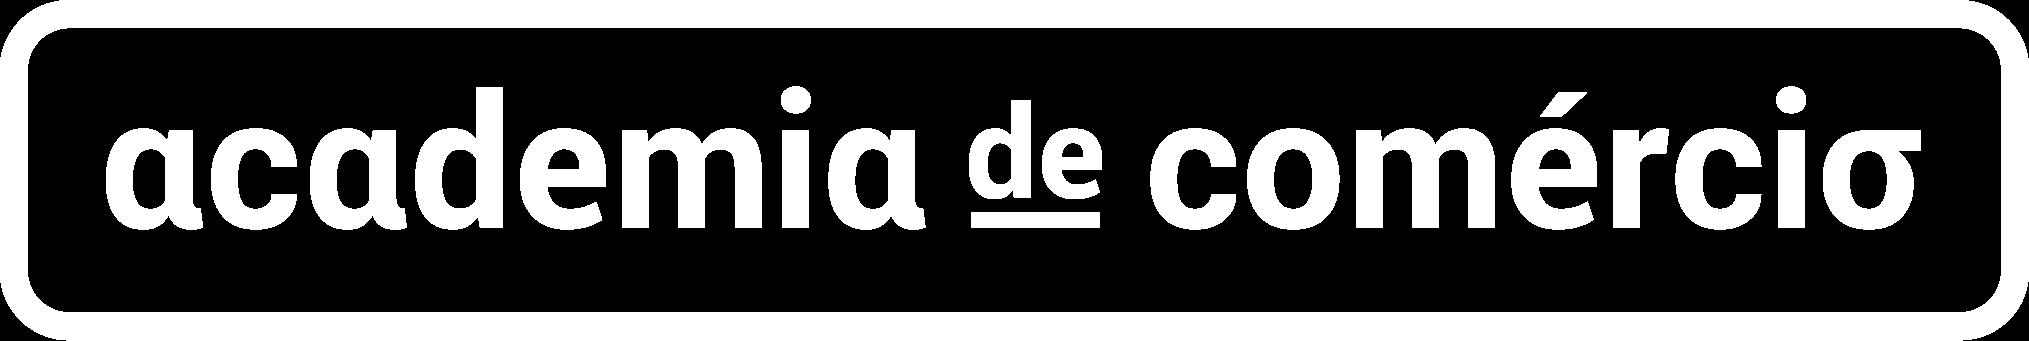 AcademiadeComercio_logo